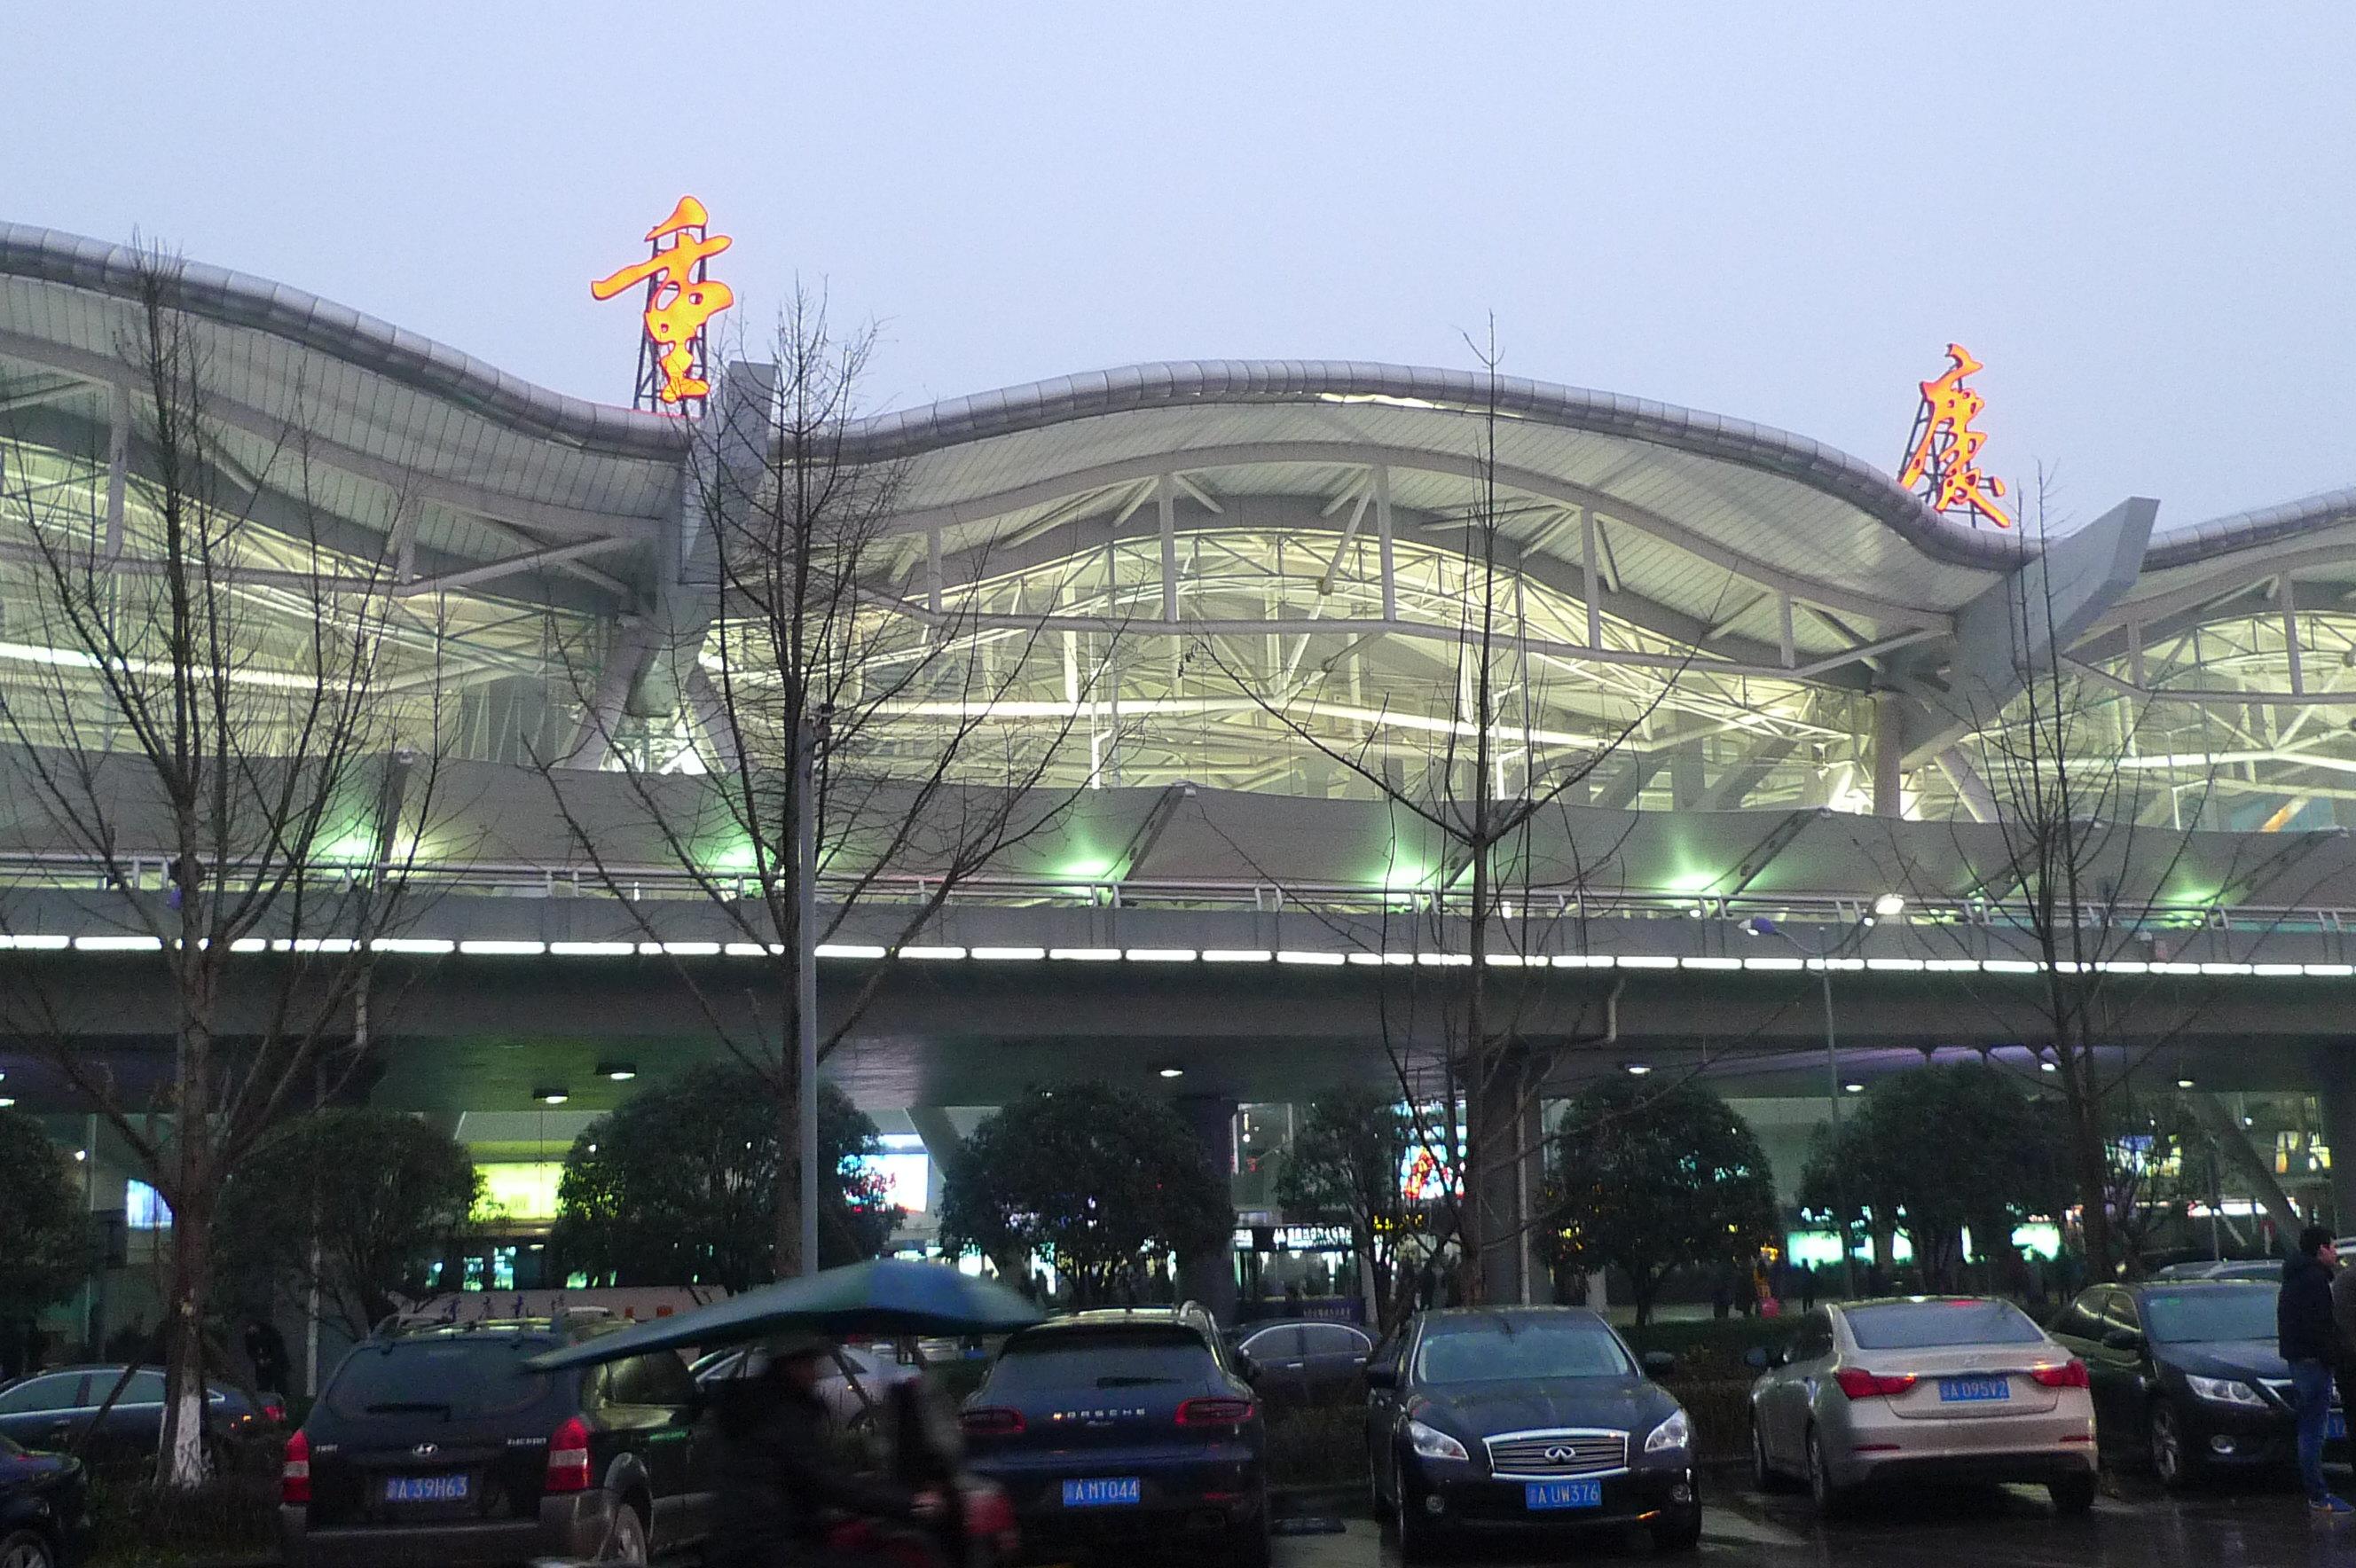 重庆有三座民用机场,分别是重庆江北国际机场、重庆万州五桥机场(支线机场,位于三峡库区)、重庆黔江舟白机场。来重庆游玩一般是降临江北机场。从江北机场有直飞全国40多个大中城市的航班,并开通了直飞欧洲的航线。 江北国际机场 地址:重庆市渝北区两路镇。 客服电话:023-966666。 机场大巴 机场—市区(上清寺):每天第一个航班,到最后一个航班结束,坐满发车。 市区—机场:每天5:30-21:00之间发车,每半小时一班。 票价:15元/人,全程约40分钟。 咨询电话:023-9666